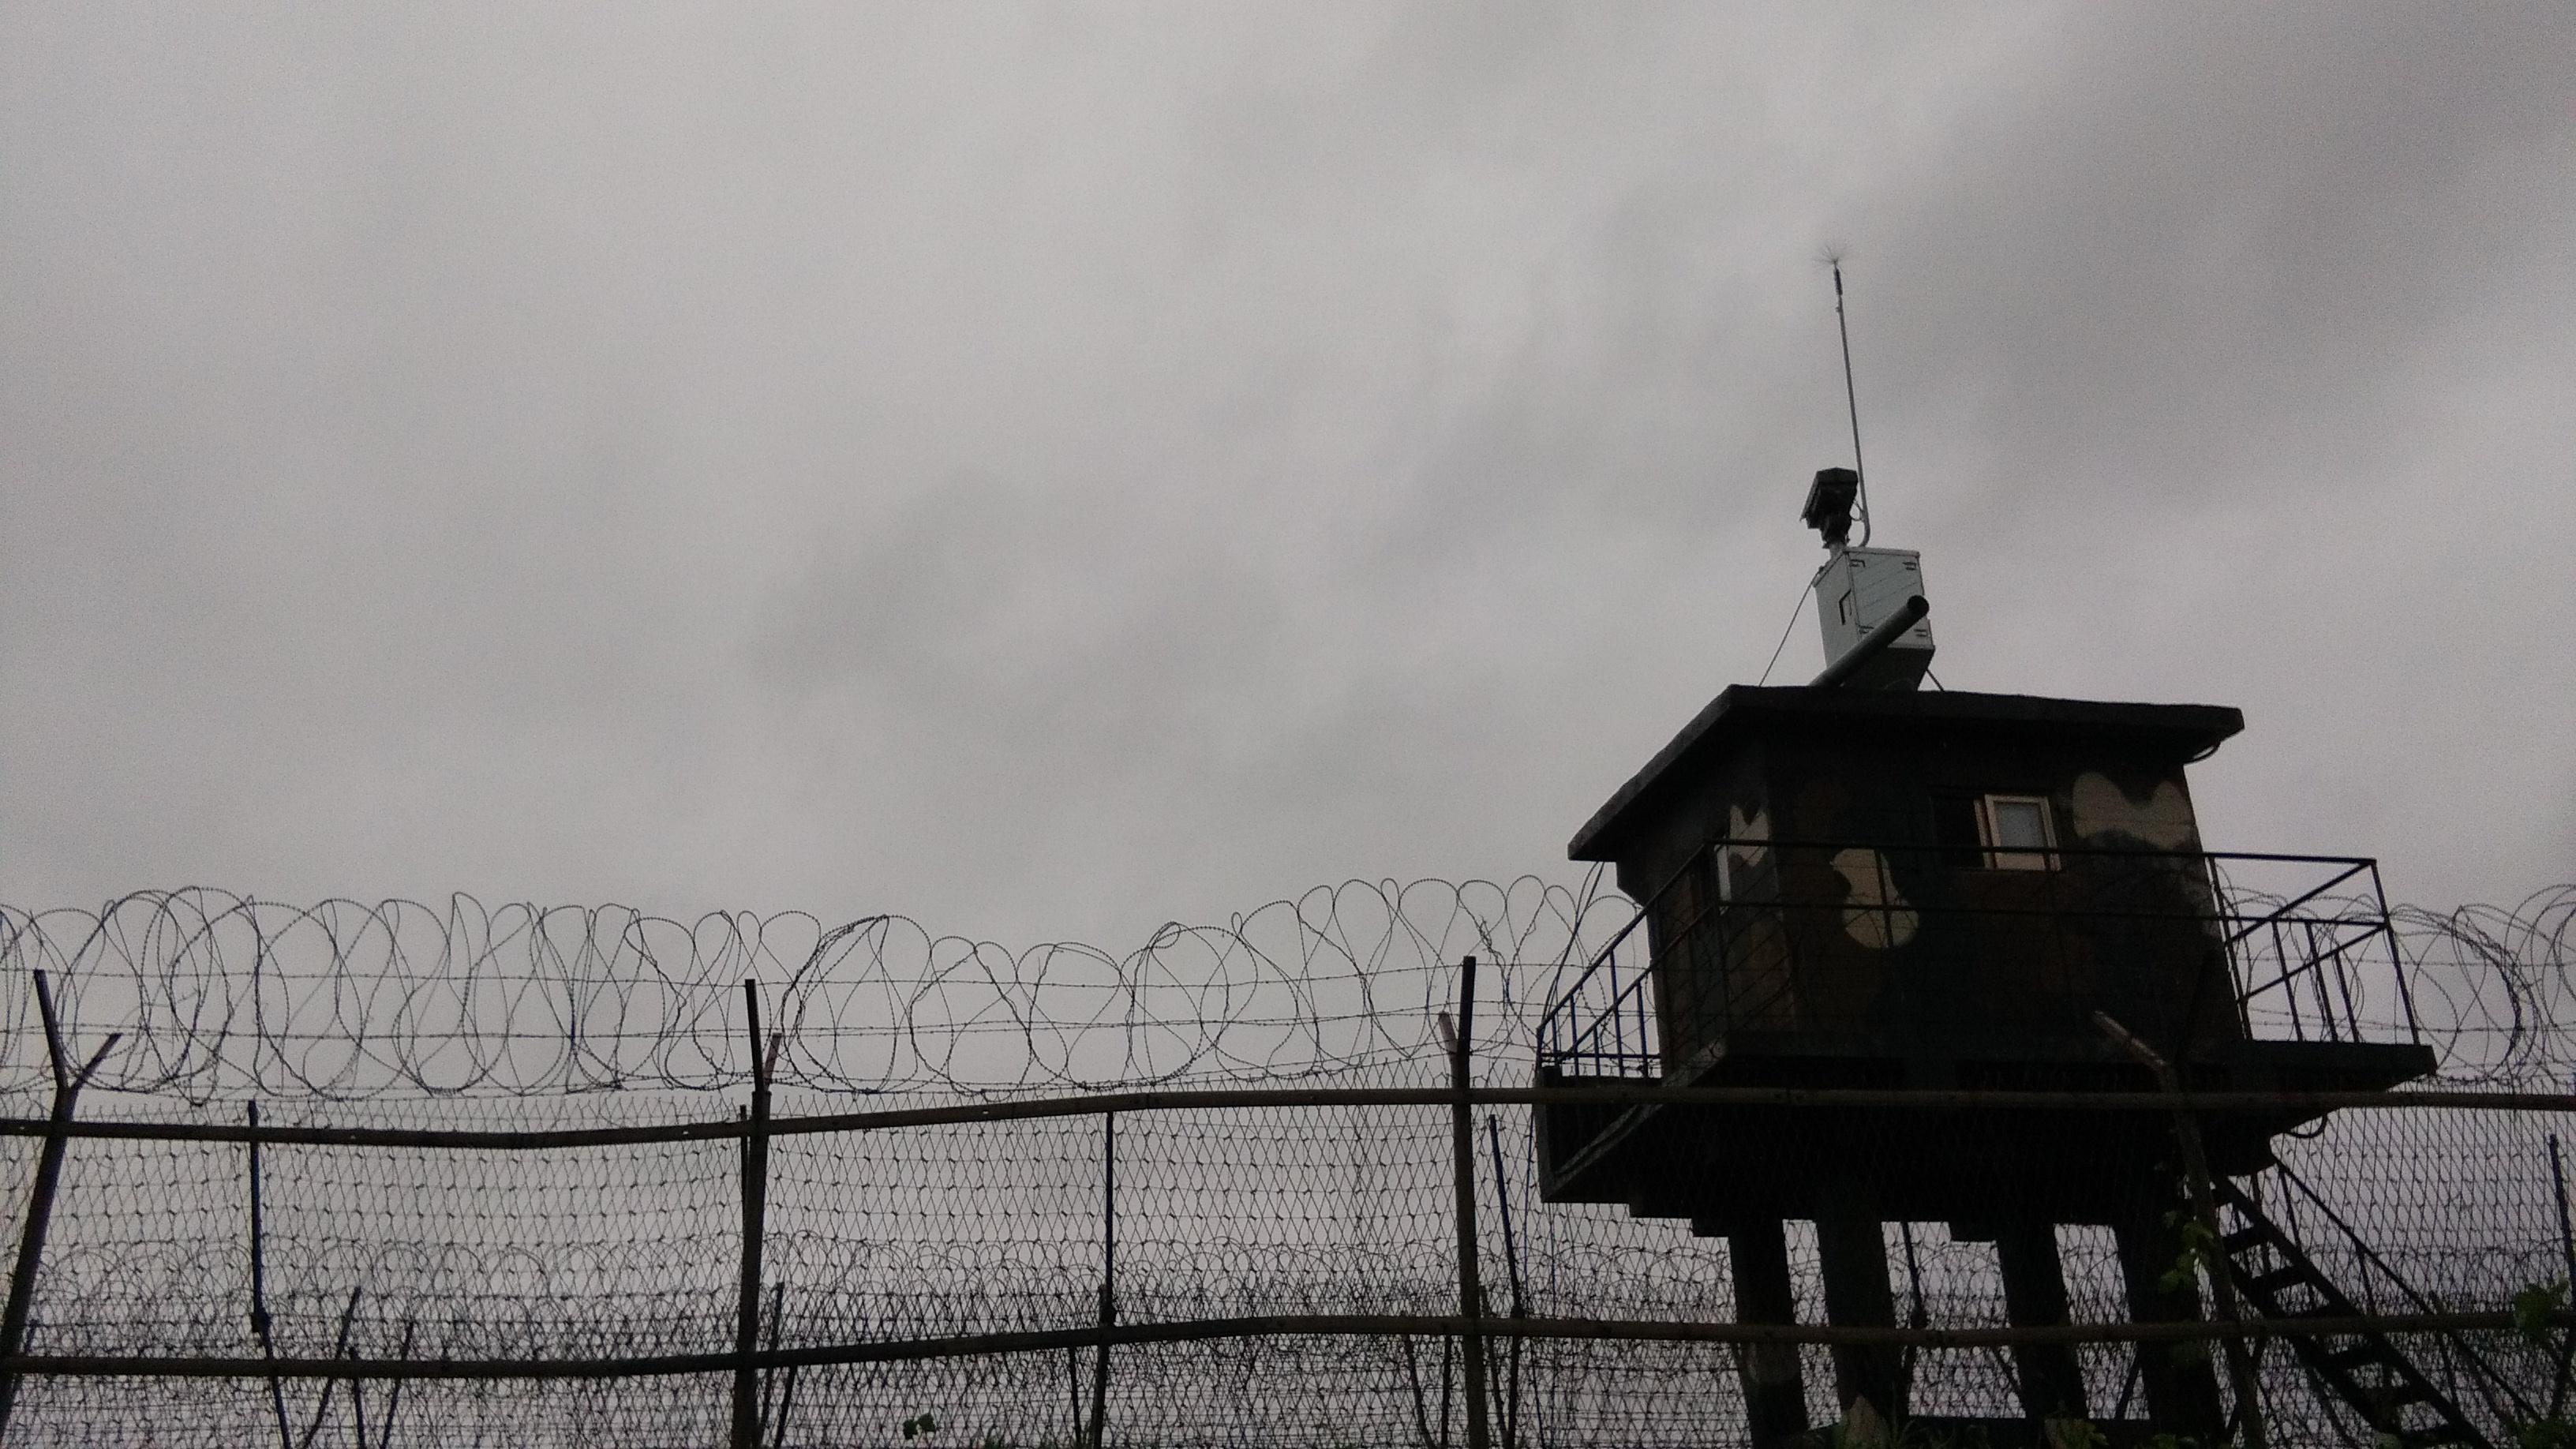 Close to the DMZ